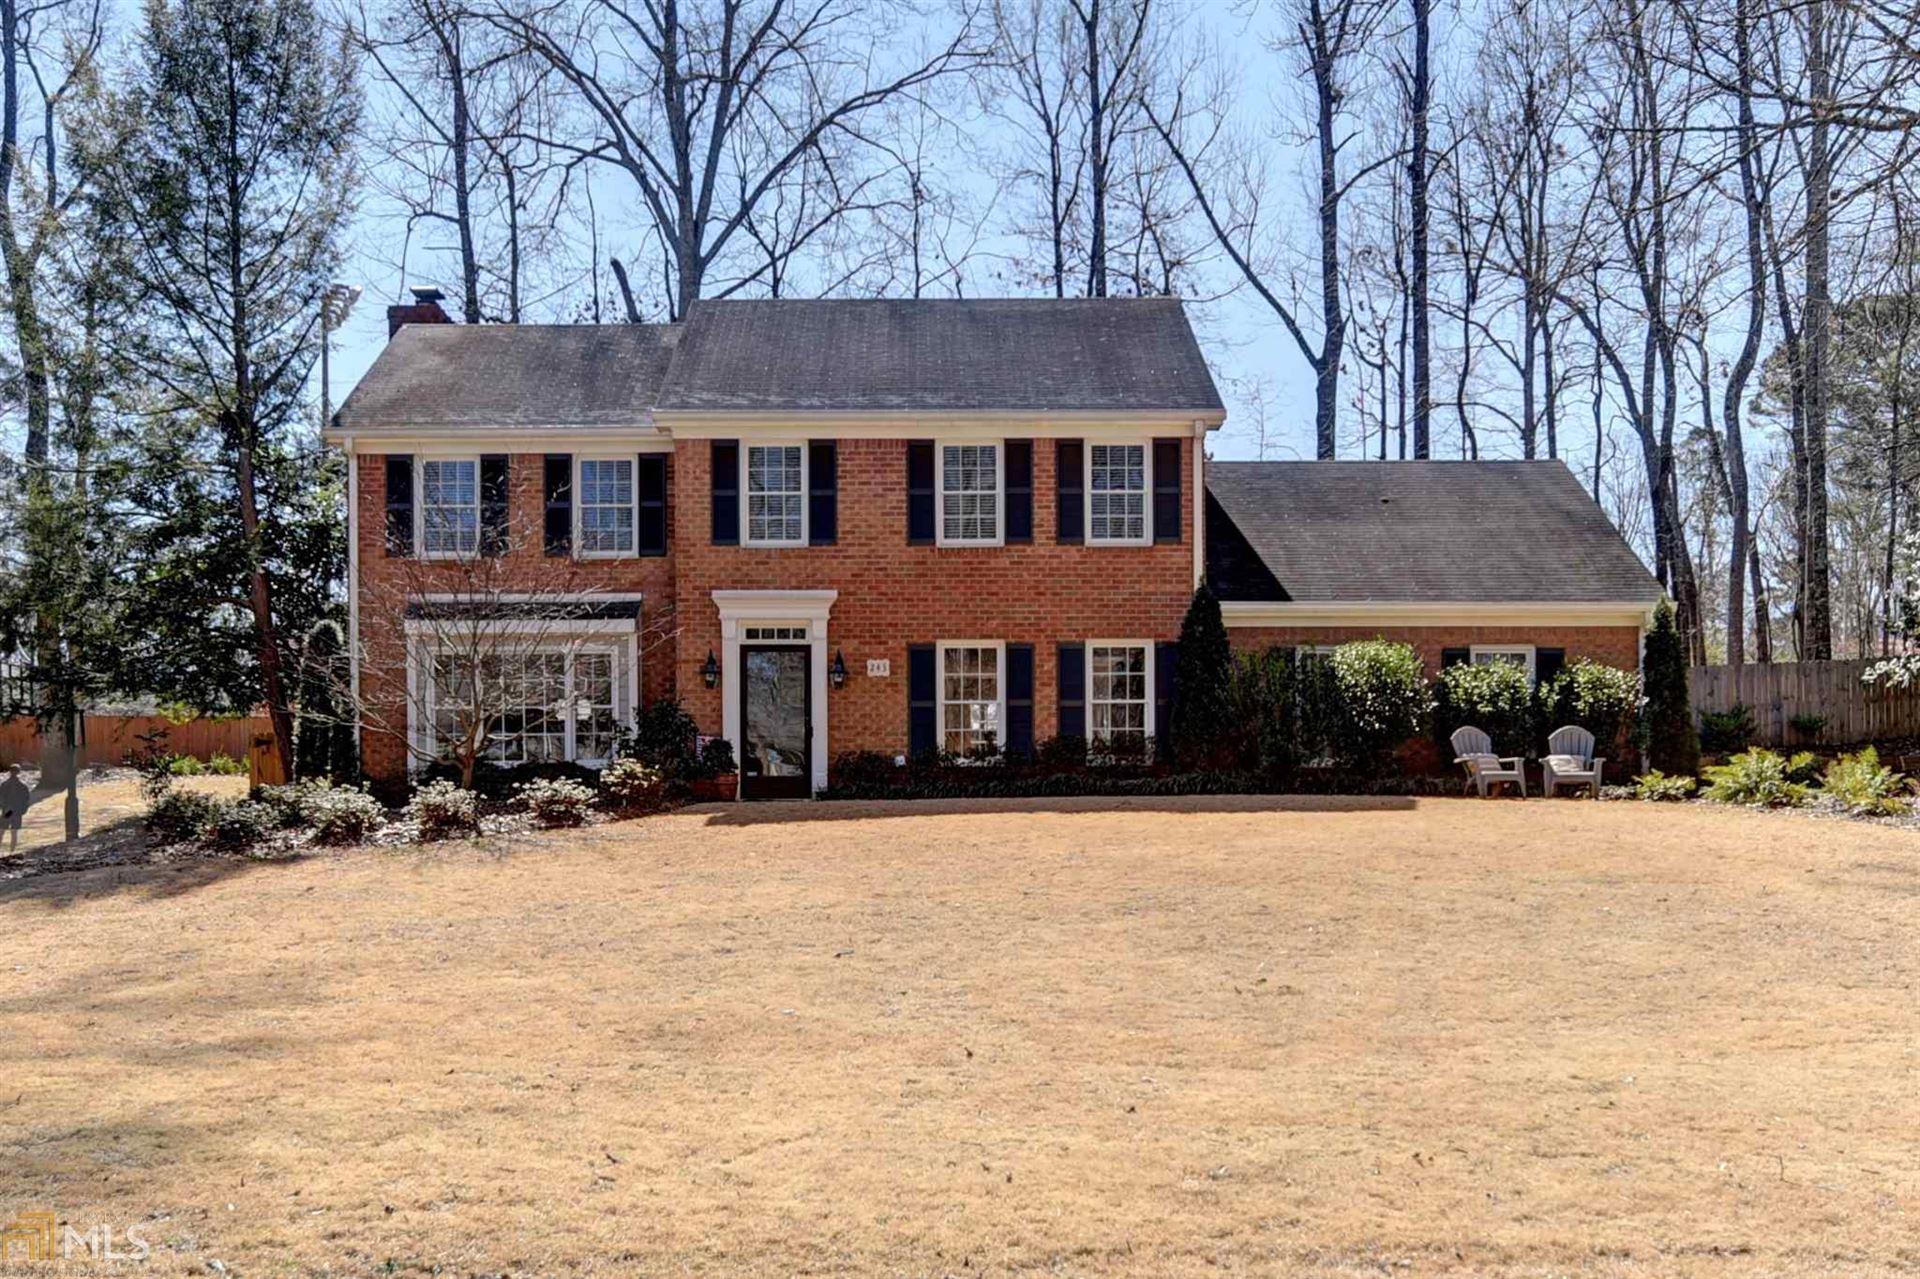 243 Hunting Creek Dr, Marietta, GA 30068 - MLS#: 8933674